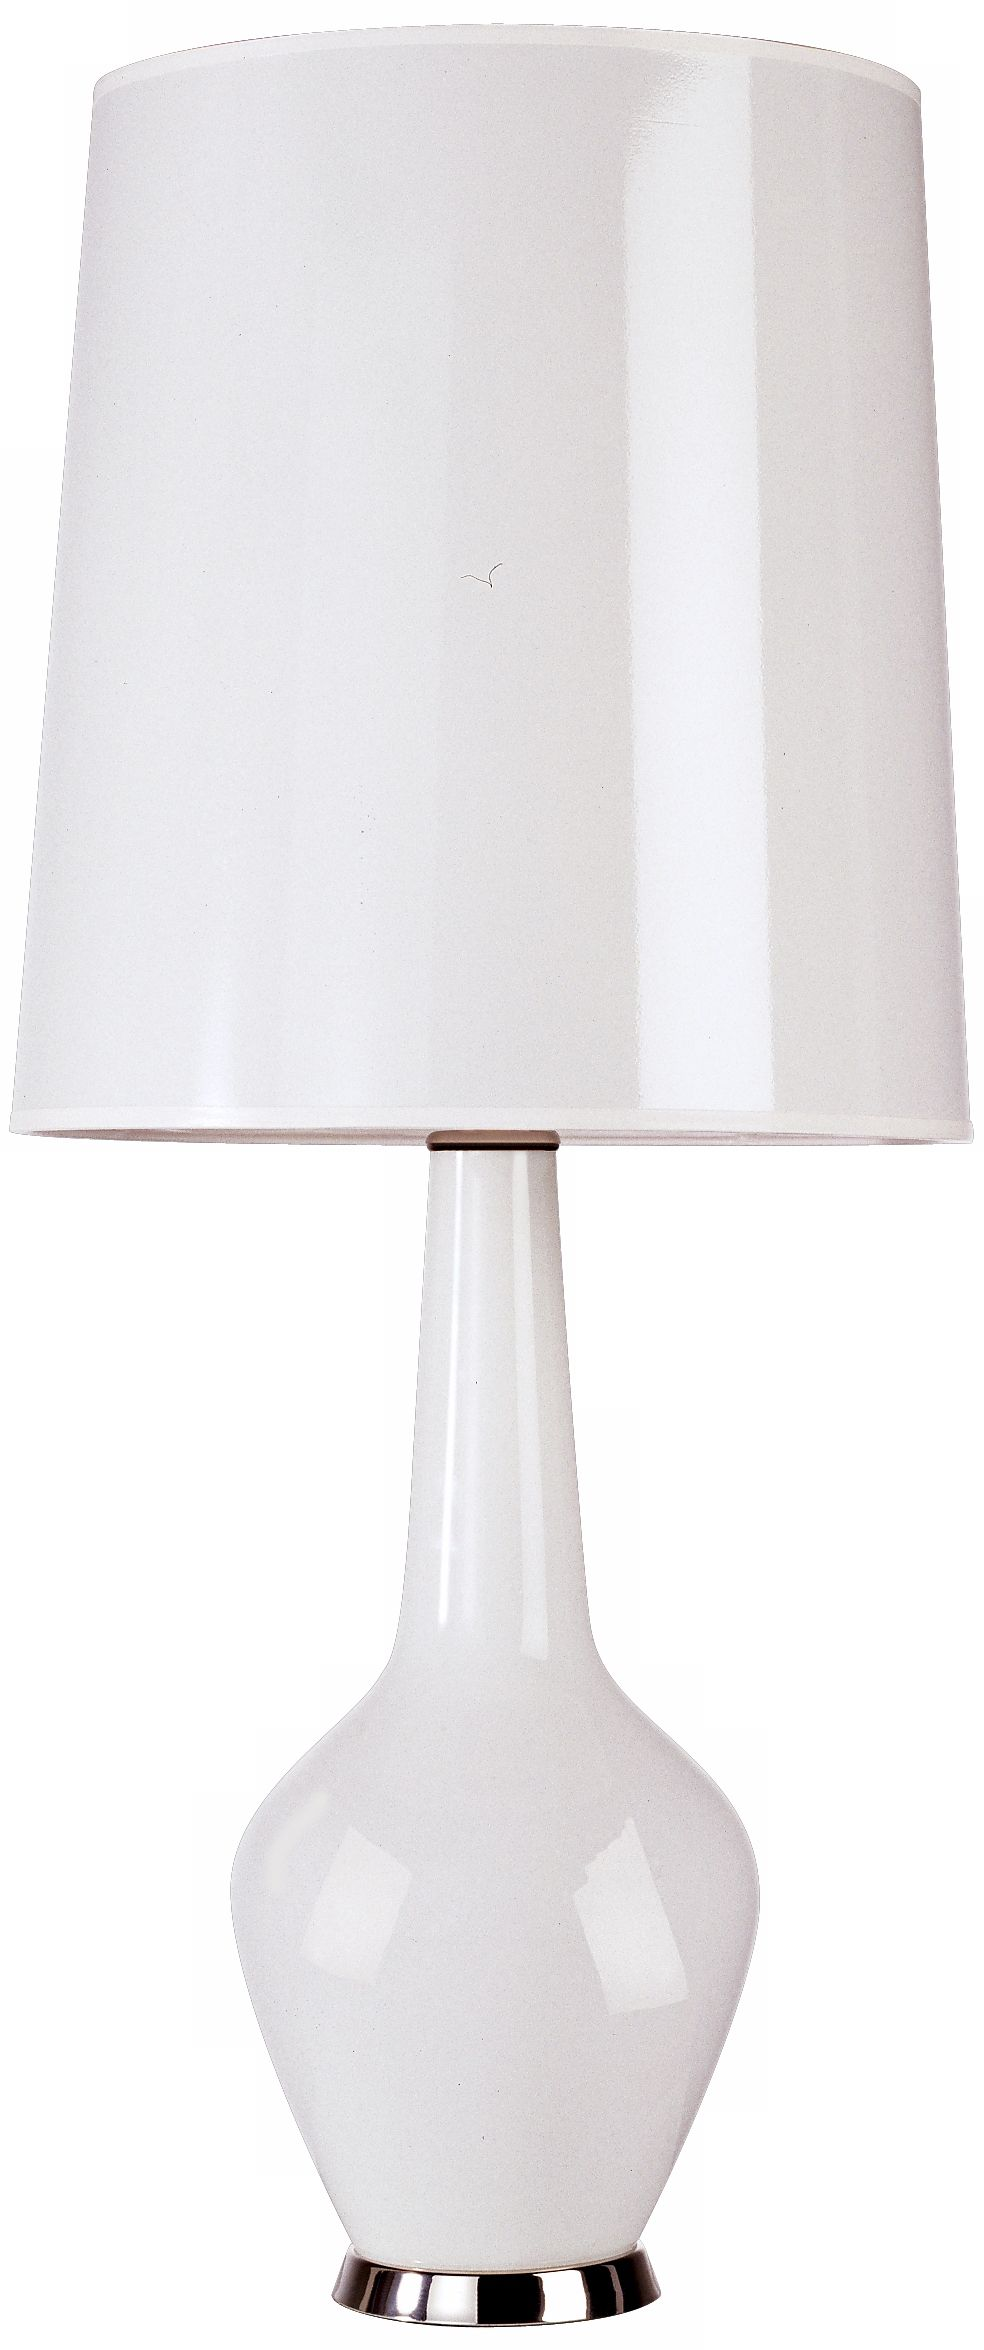 Jonathan Adler Capri Tall White Glass Table Lamp